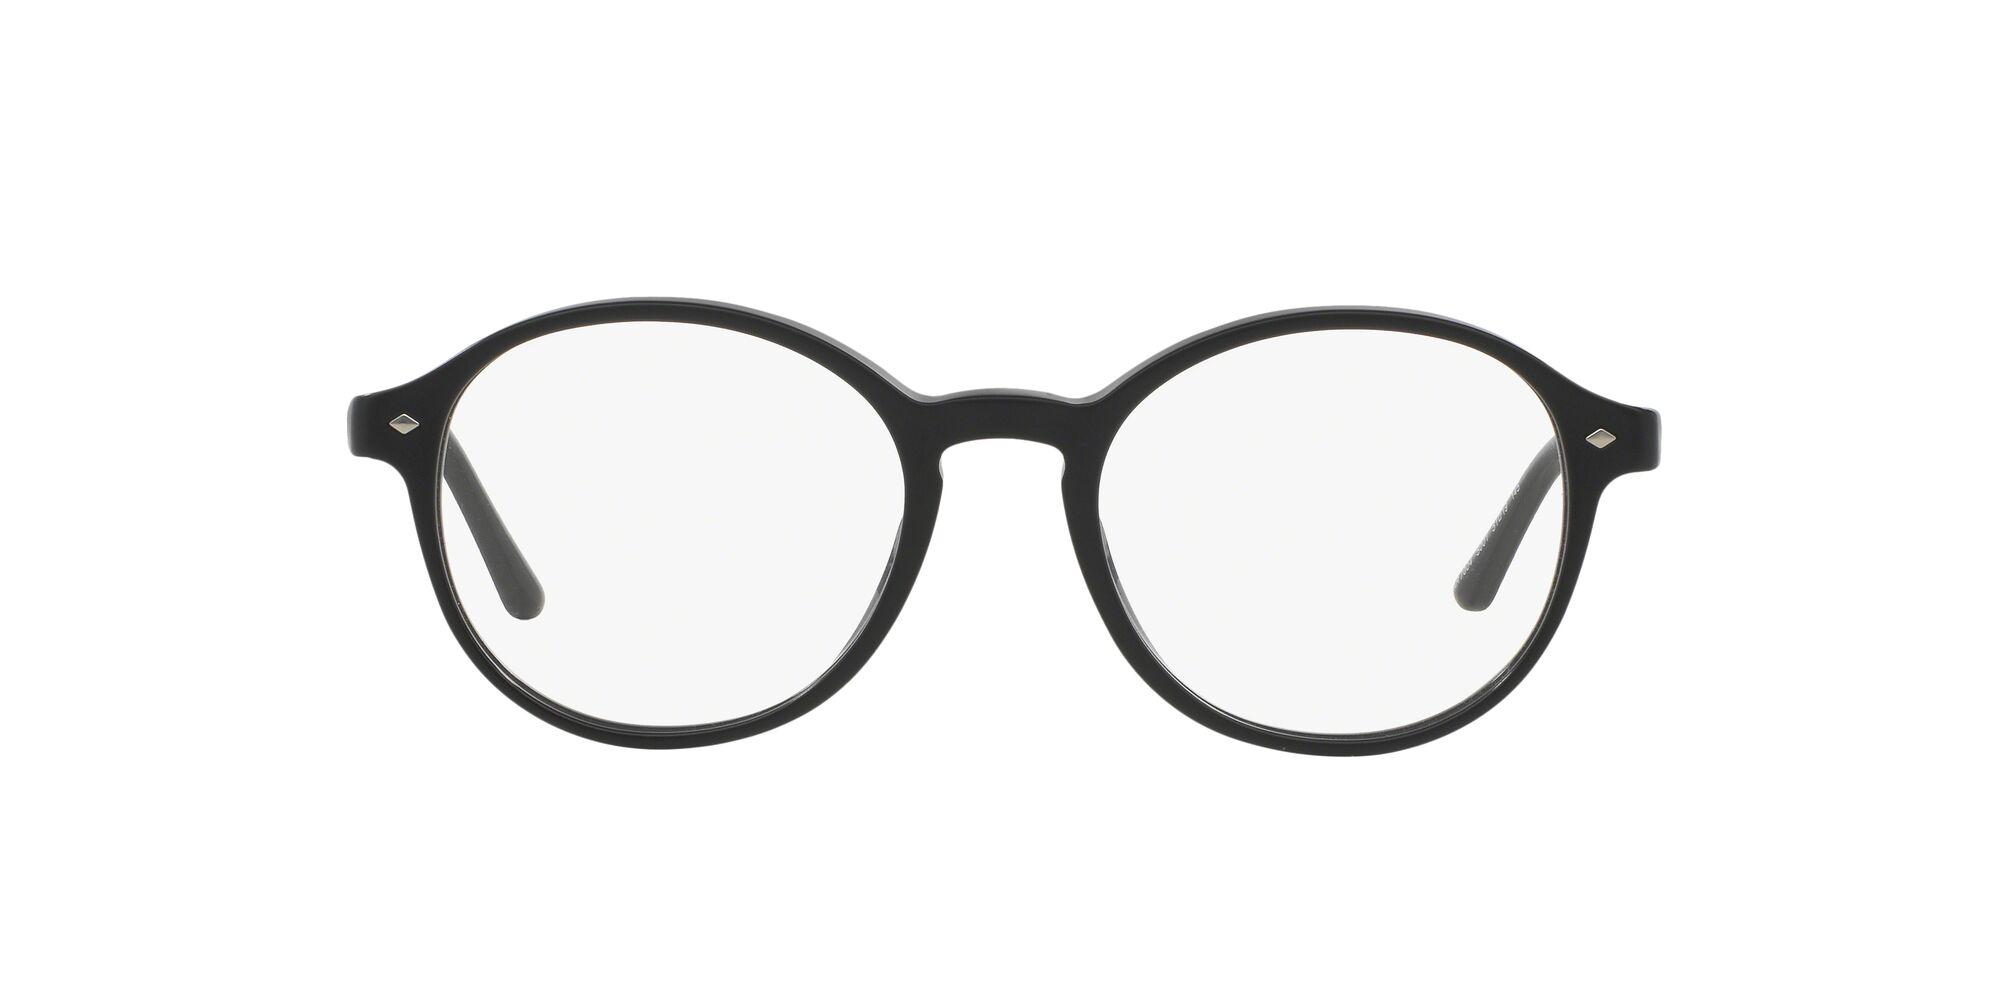 montature occhiali da vista uomo